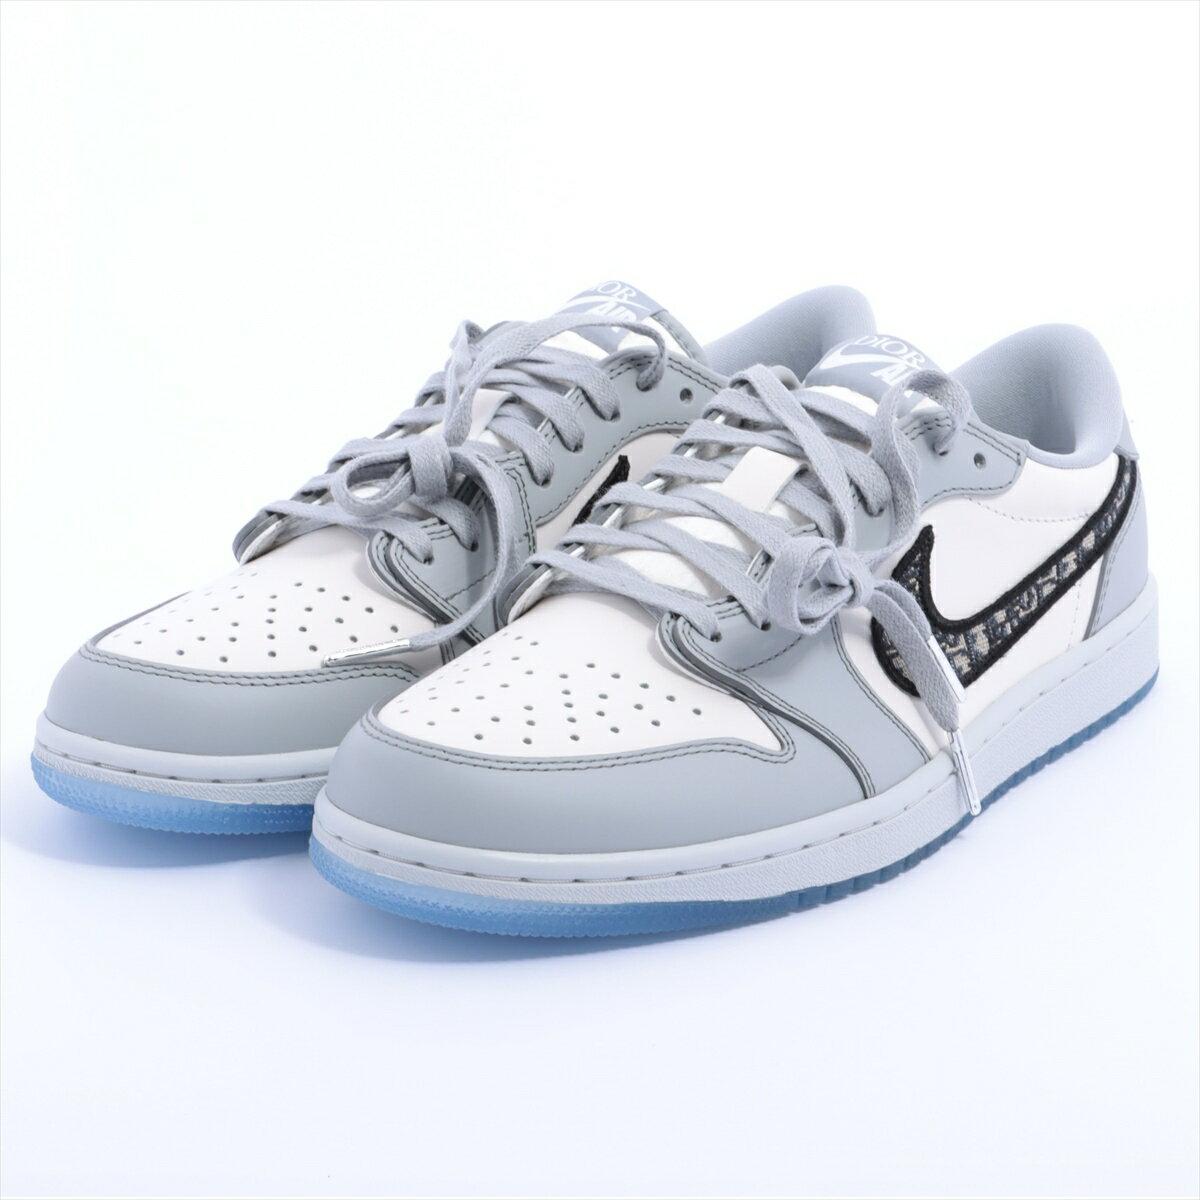 メンズ靴, スニーカー  AIR JORDAN 1 LOW OG DIOR 27.5cm